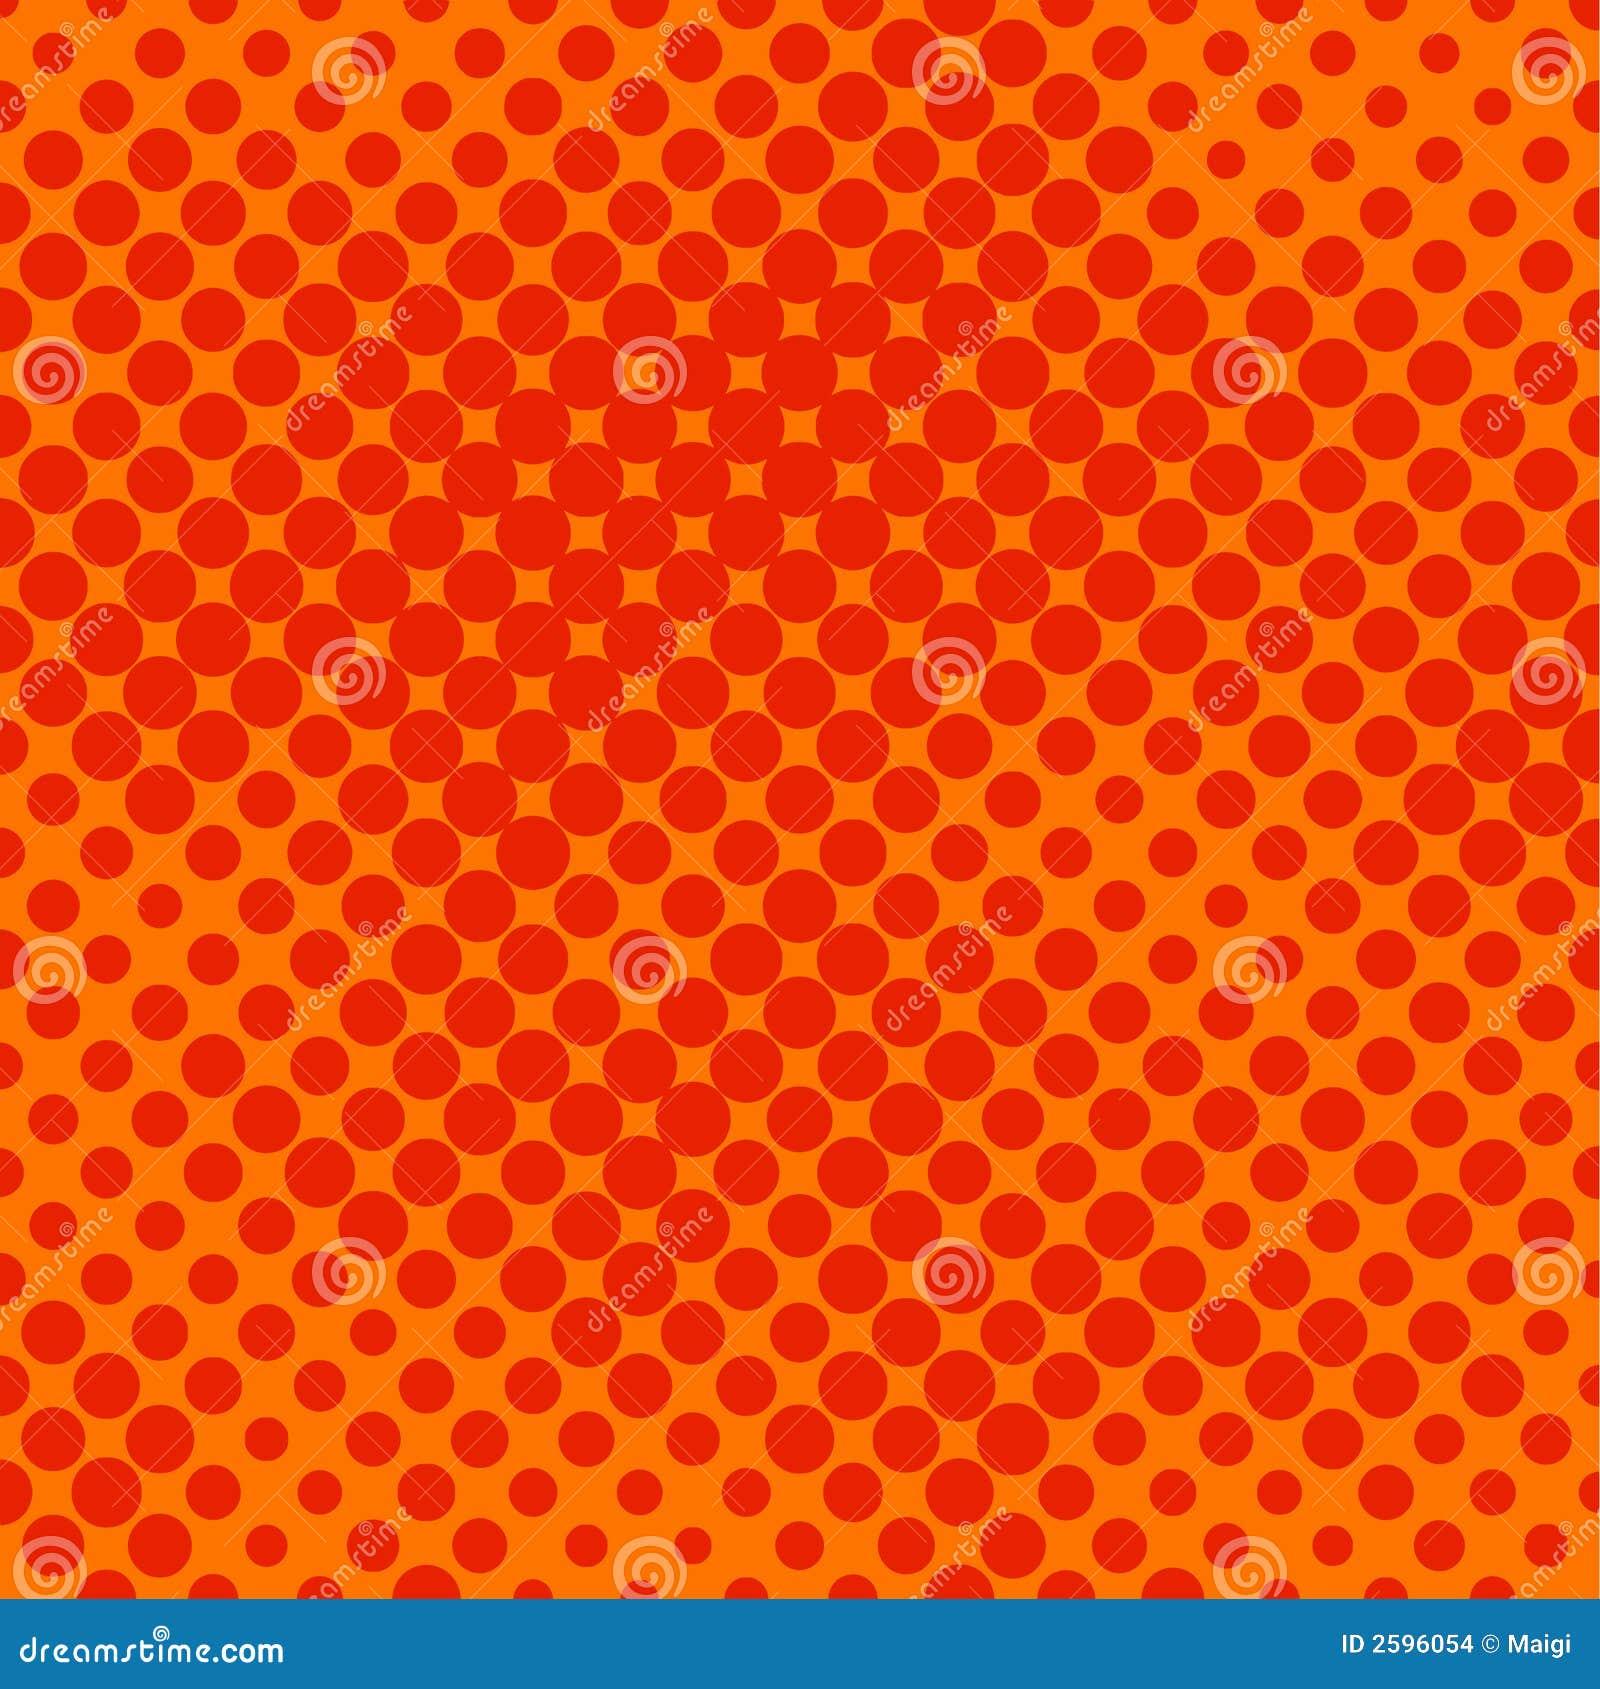 Kolory w półtonach pomarańcze